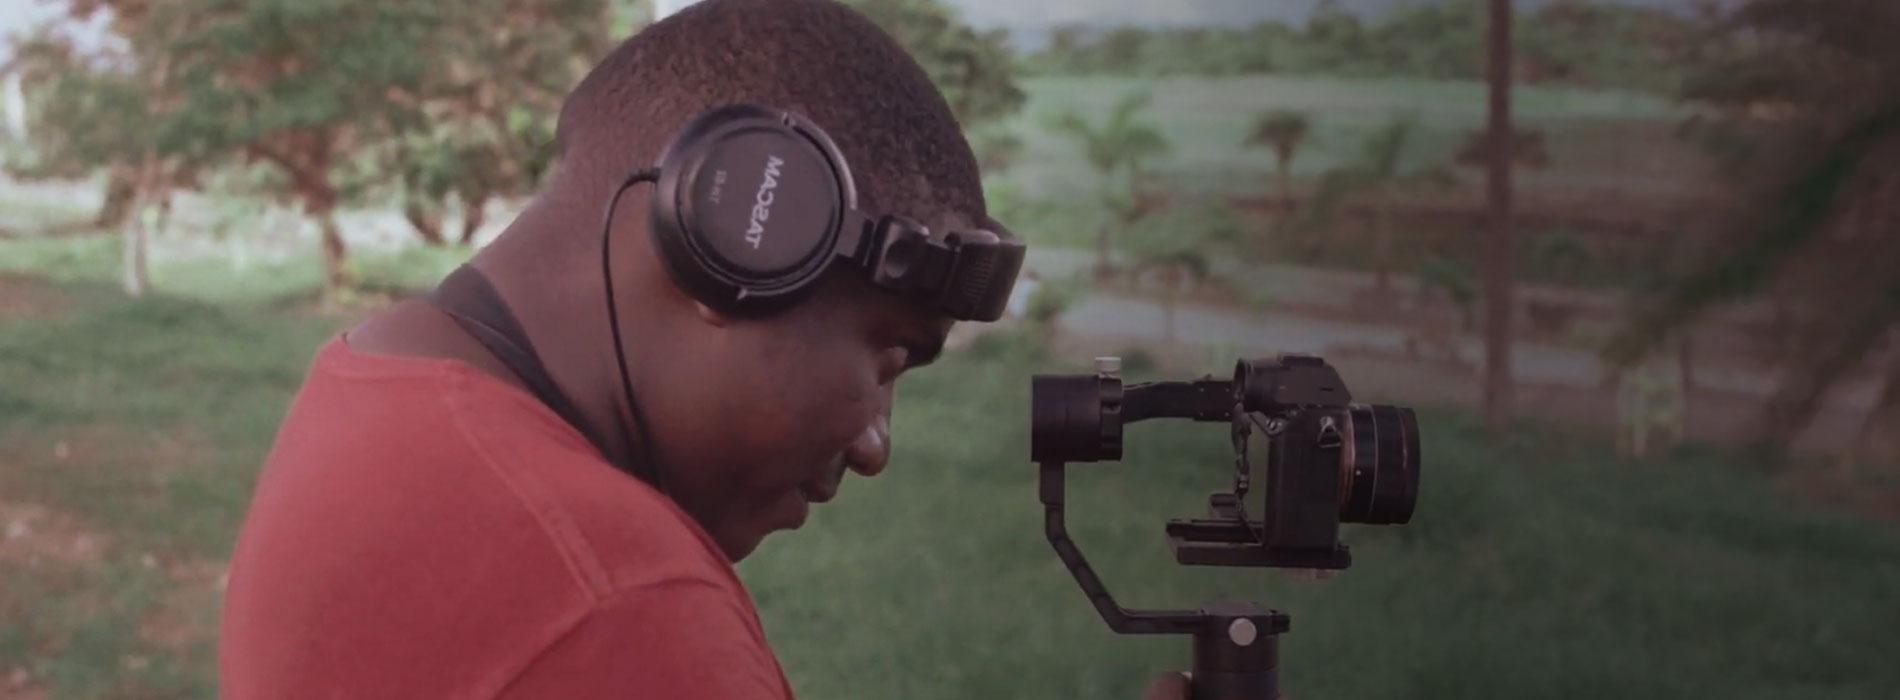 Fotograma del documental El Joven de la cámara